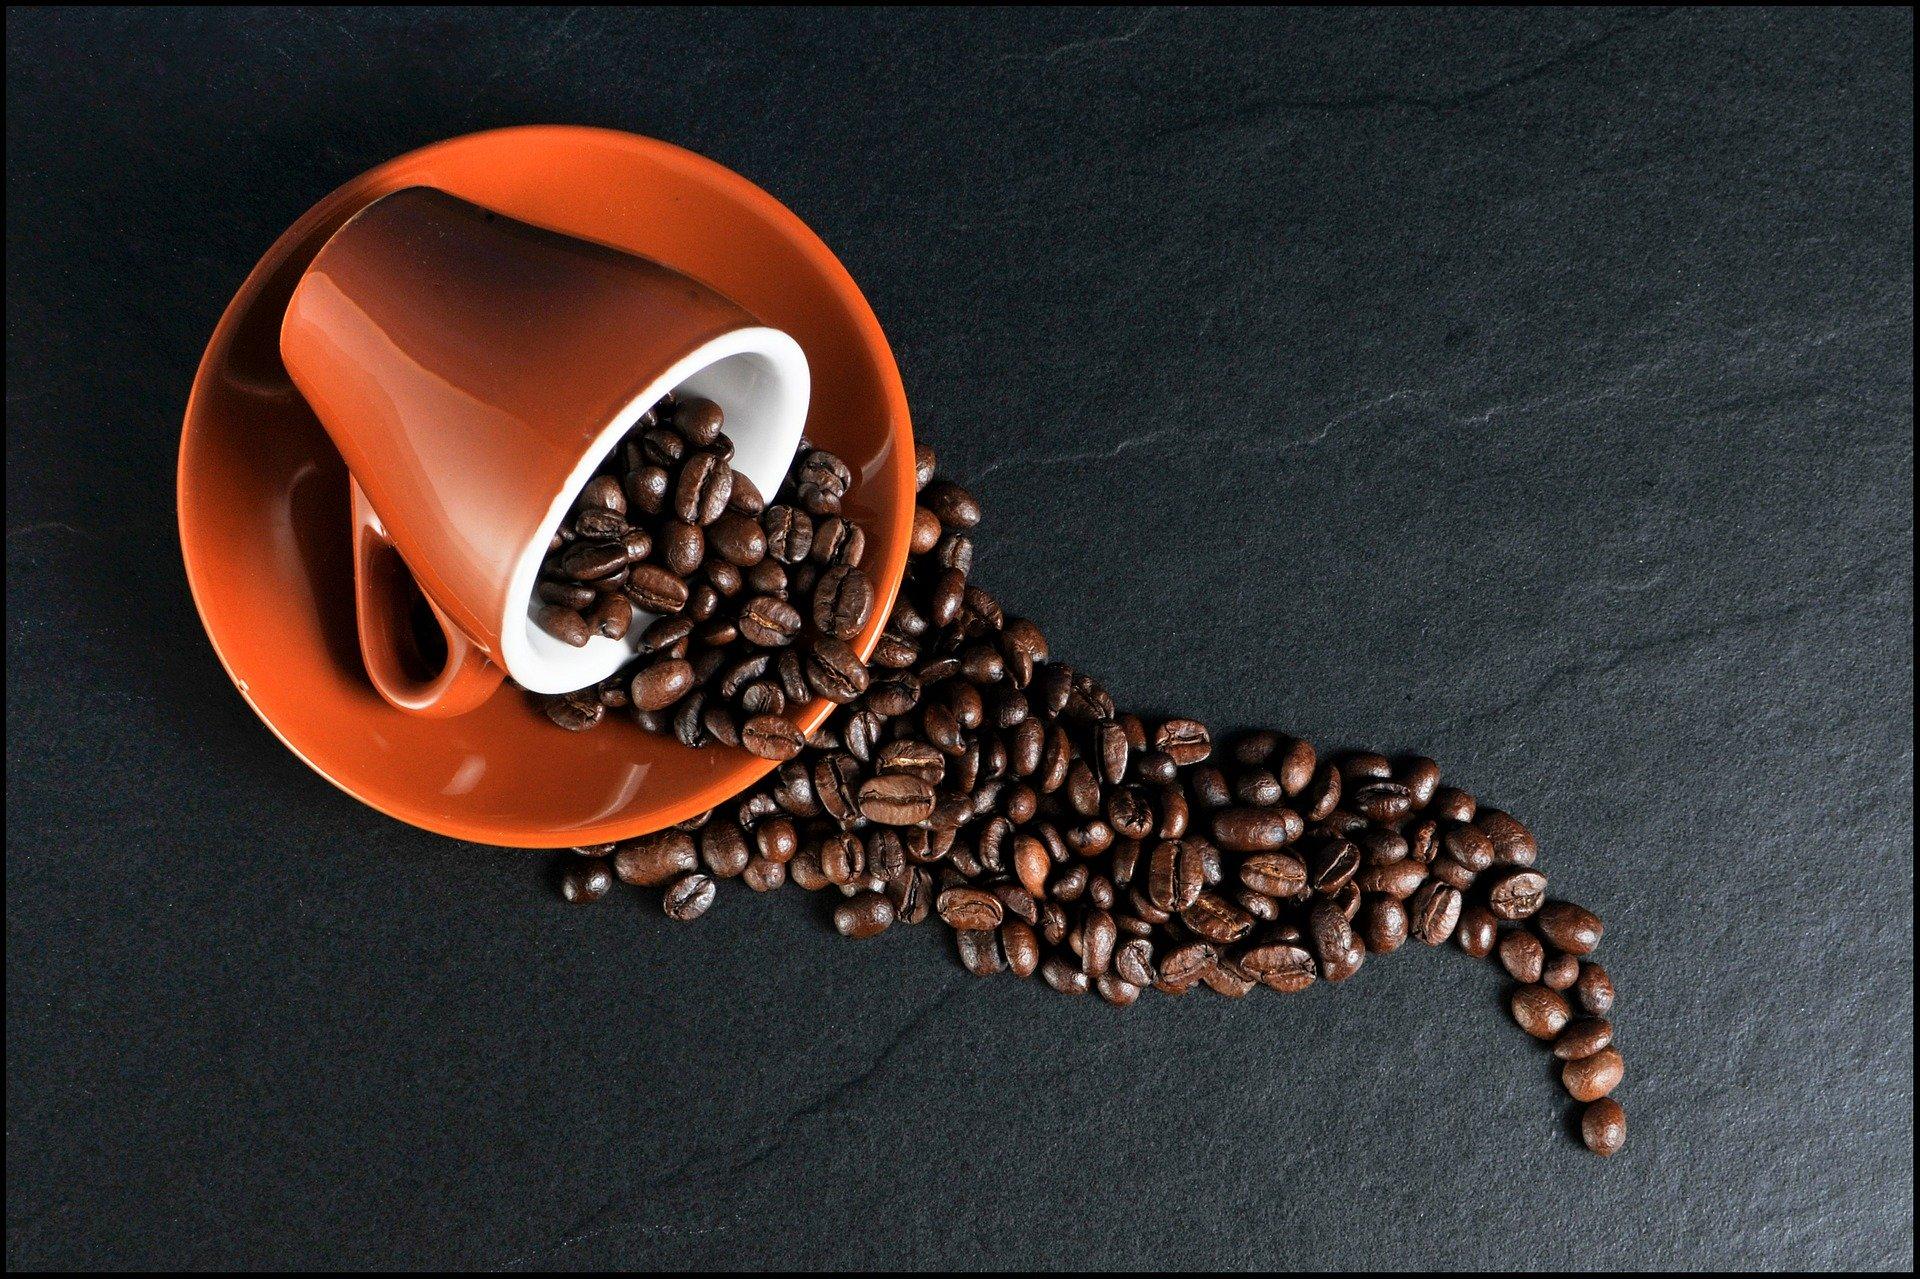 себе красивые картинки про кофе сцене его